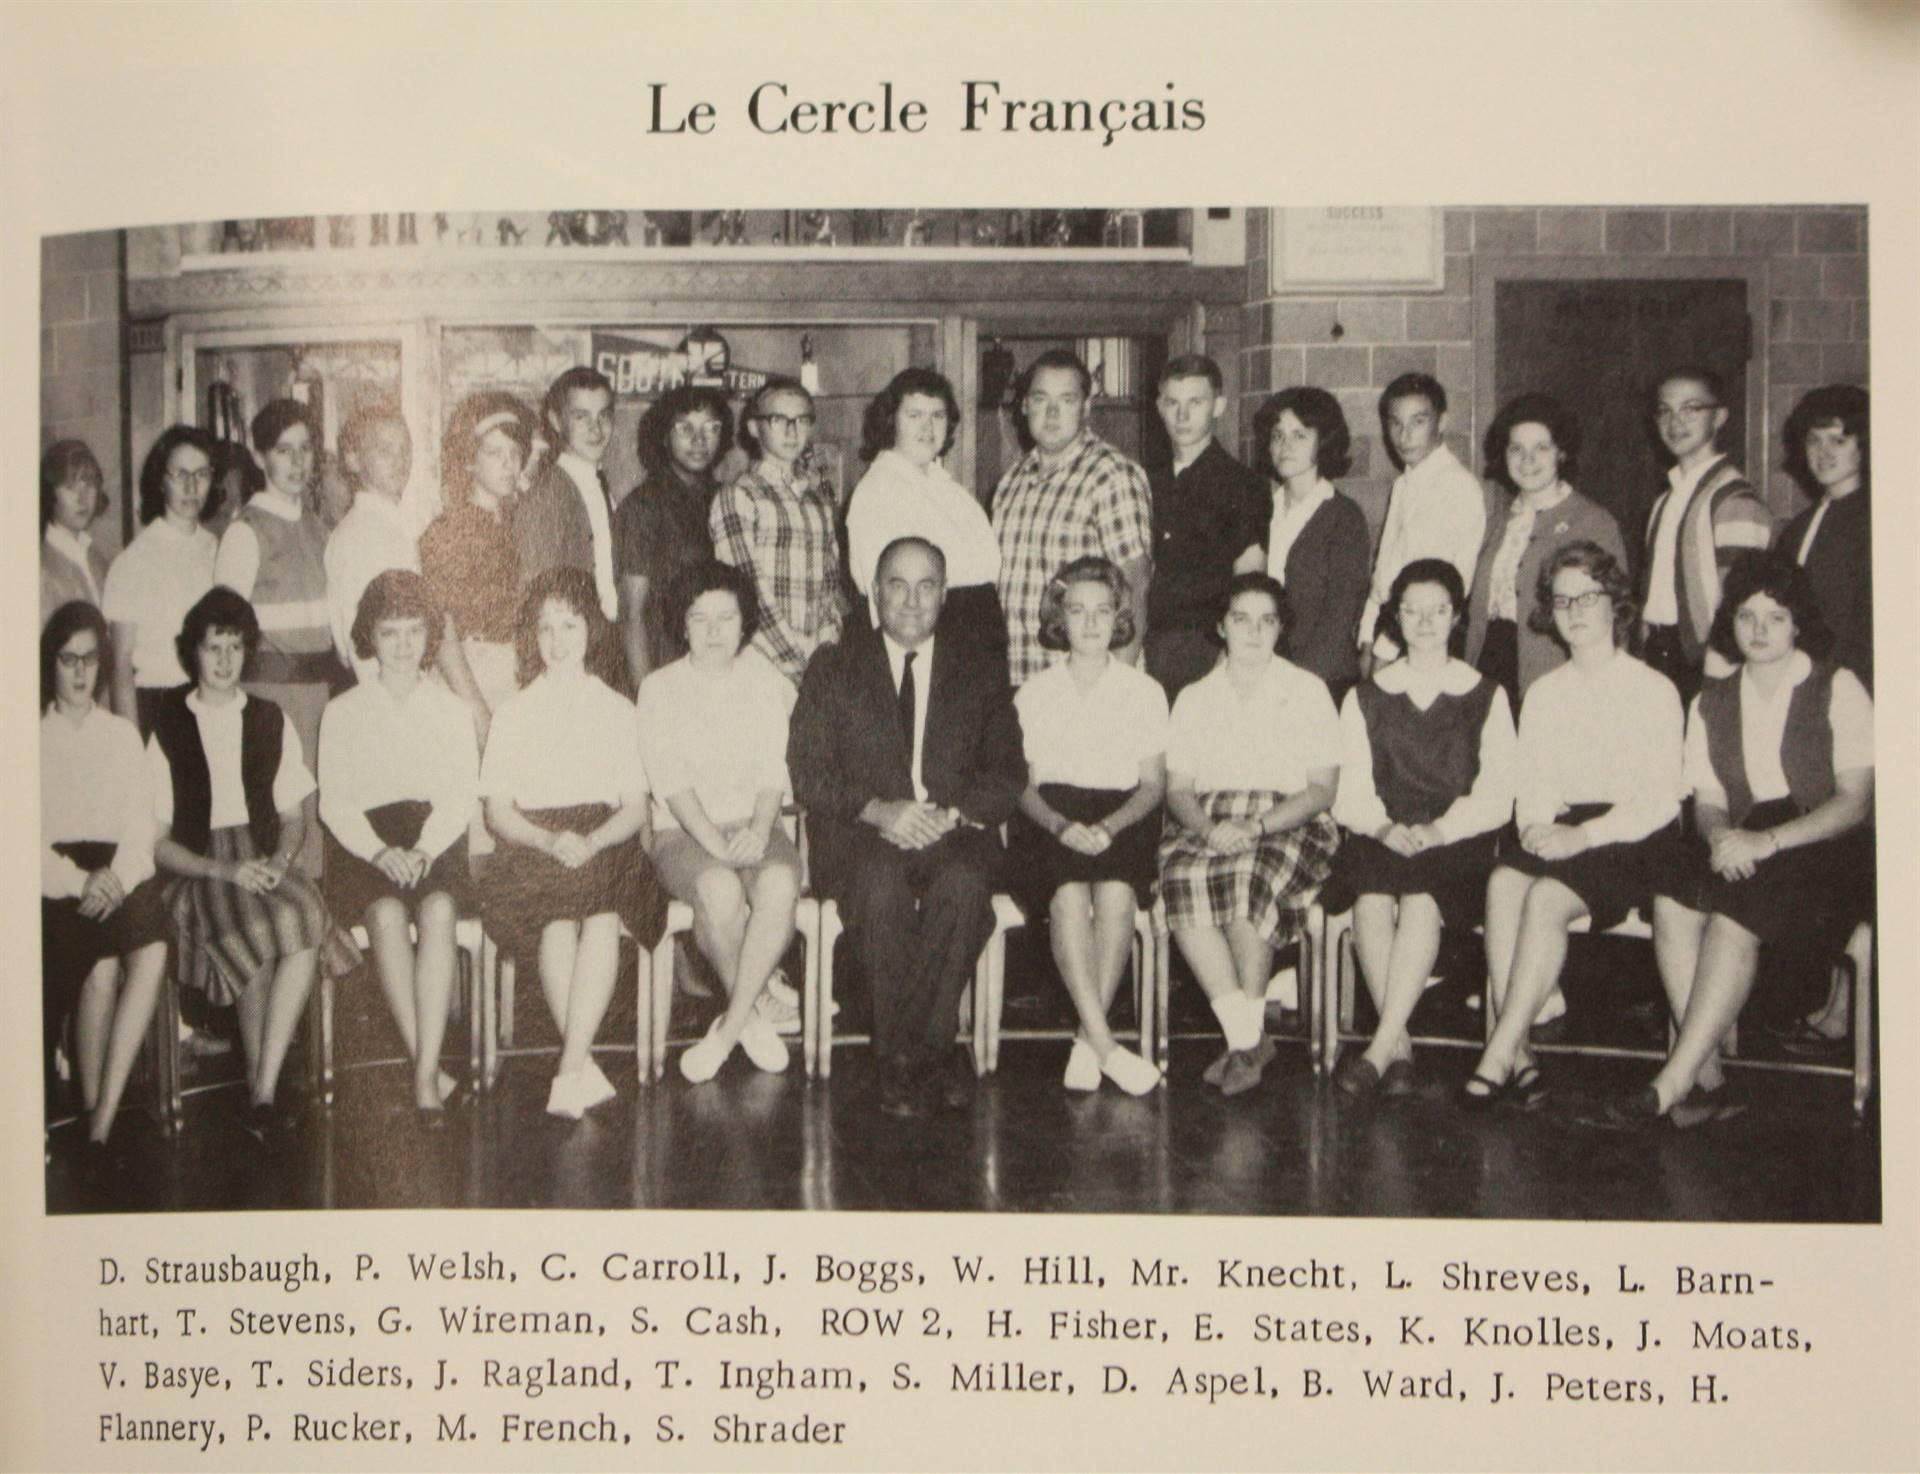 1965 Le Cercle Francais